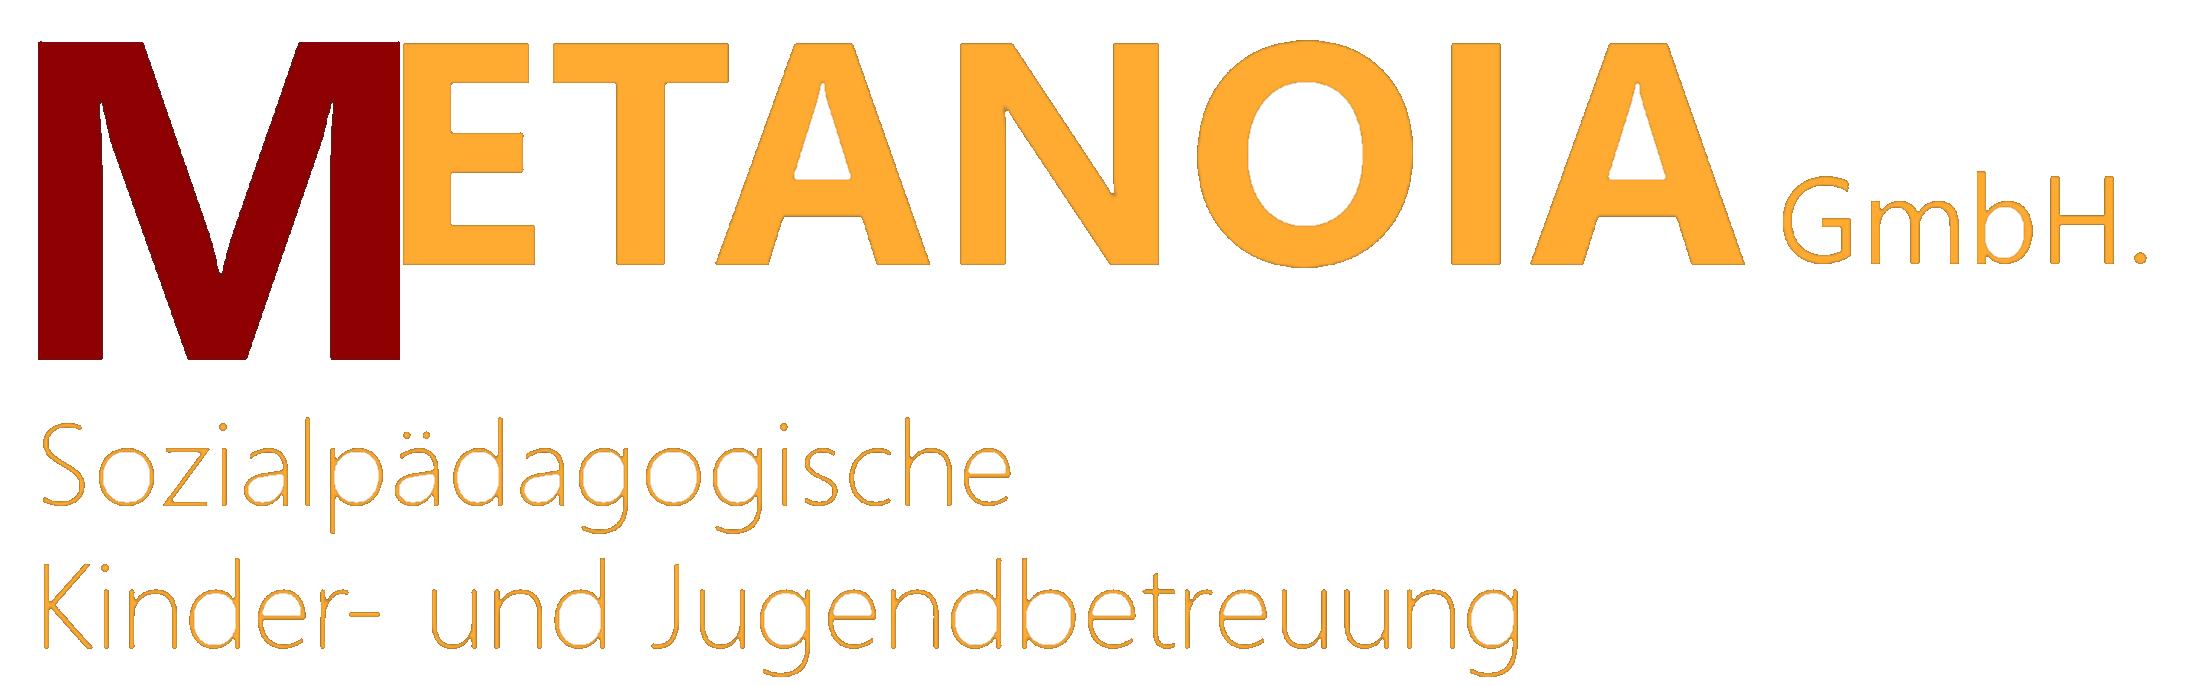 Metanoia GmbH - Sozialpädagogische Kinder- und Jugendbetreuung